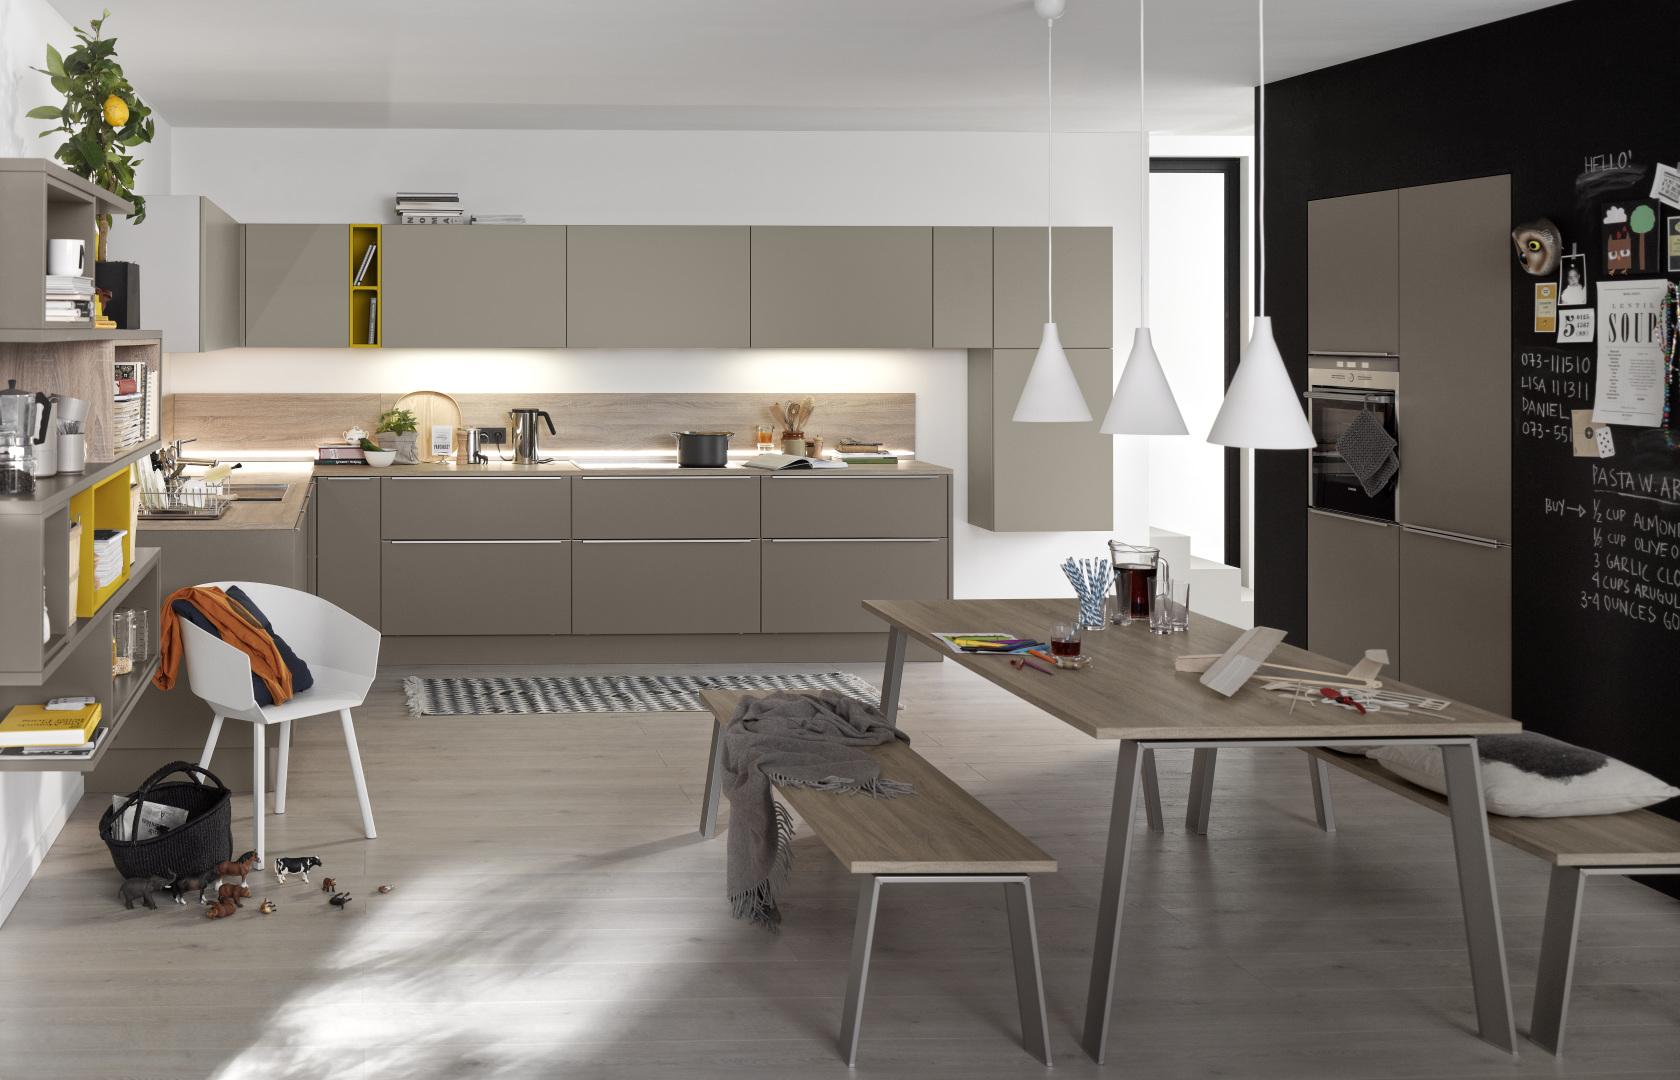 moderne küchen online kaufen - gute preise | küchenexperte - Nolte Küchen Online Kaufen